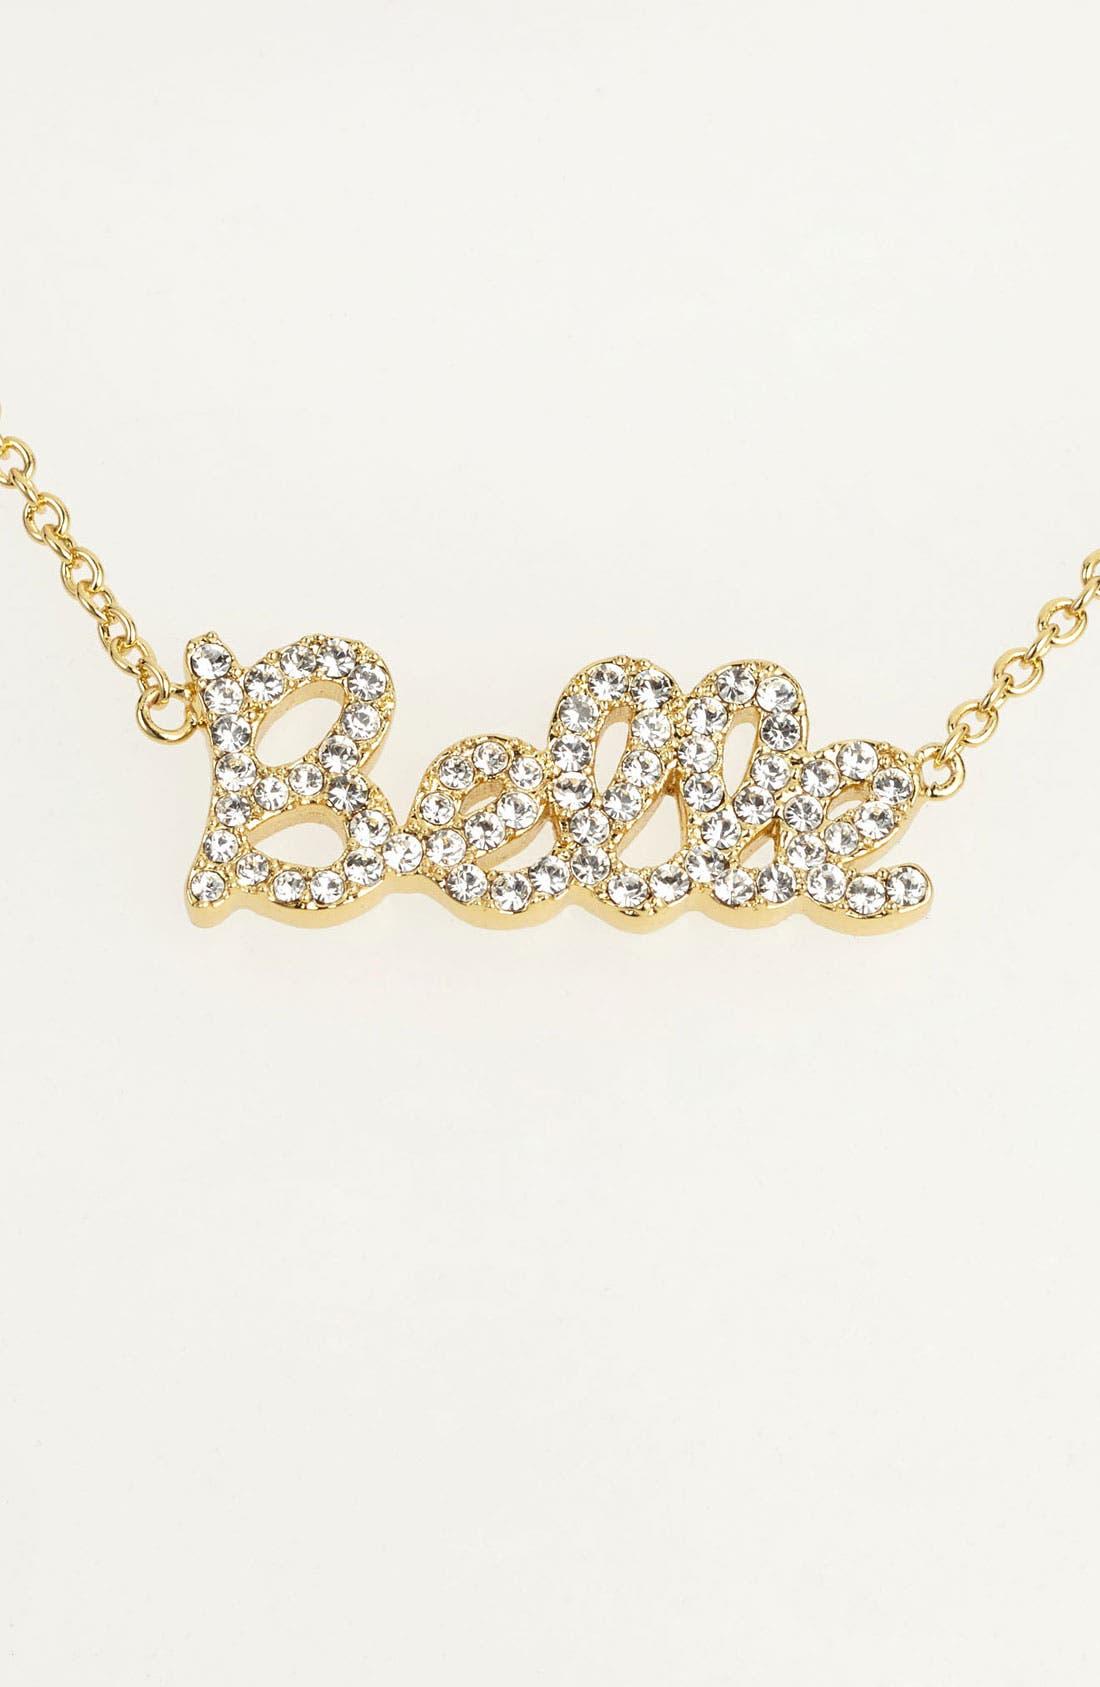 Main Image - Ariella Collection 'Messages - Belle' Script Pendant Necklace